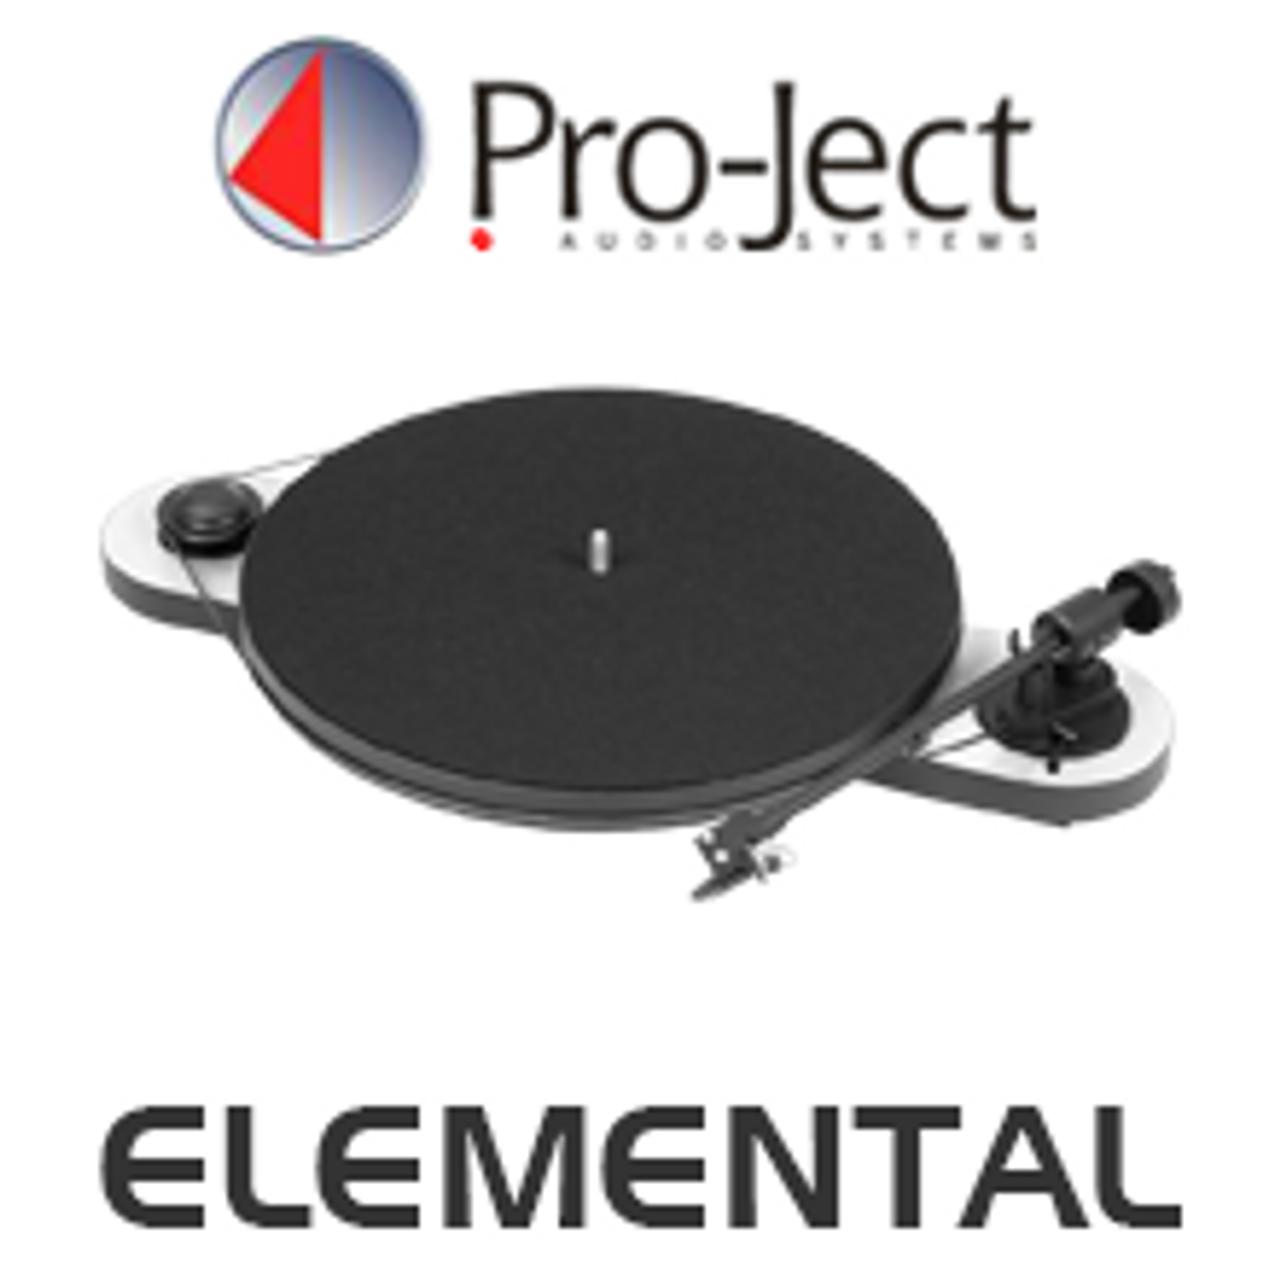 Pro-Ject Elemental Manual Turntable inc. Ortofon OM 5E